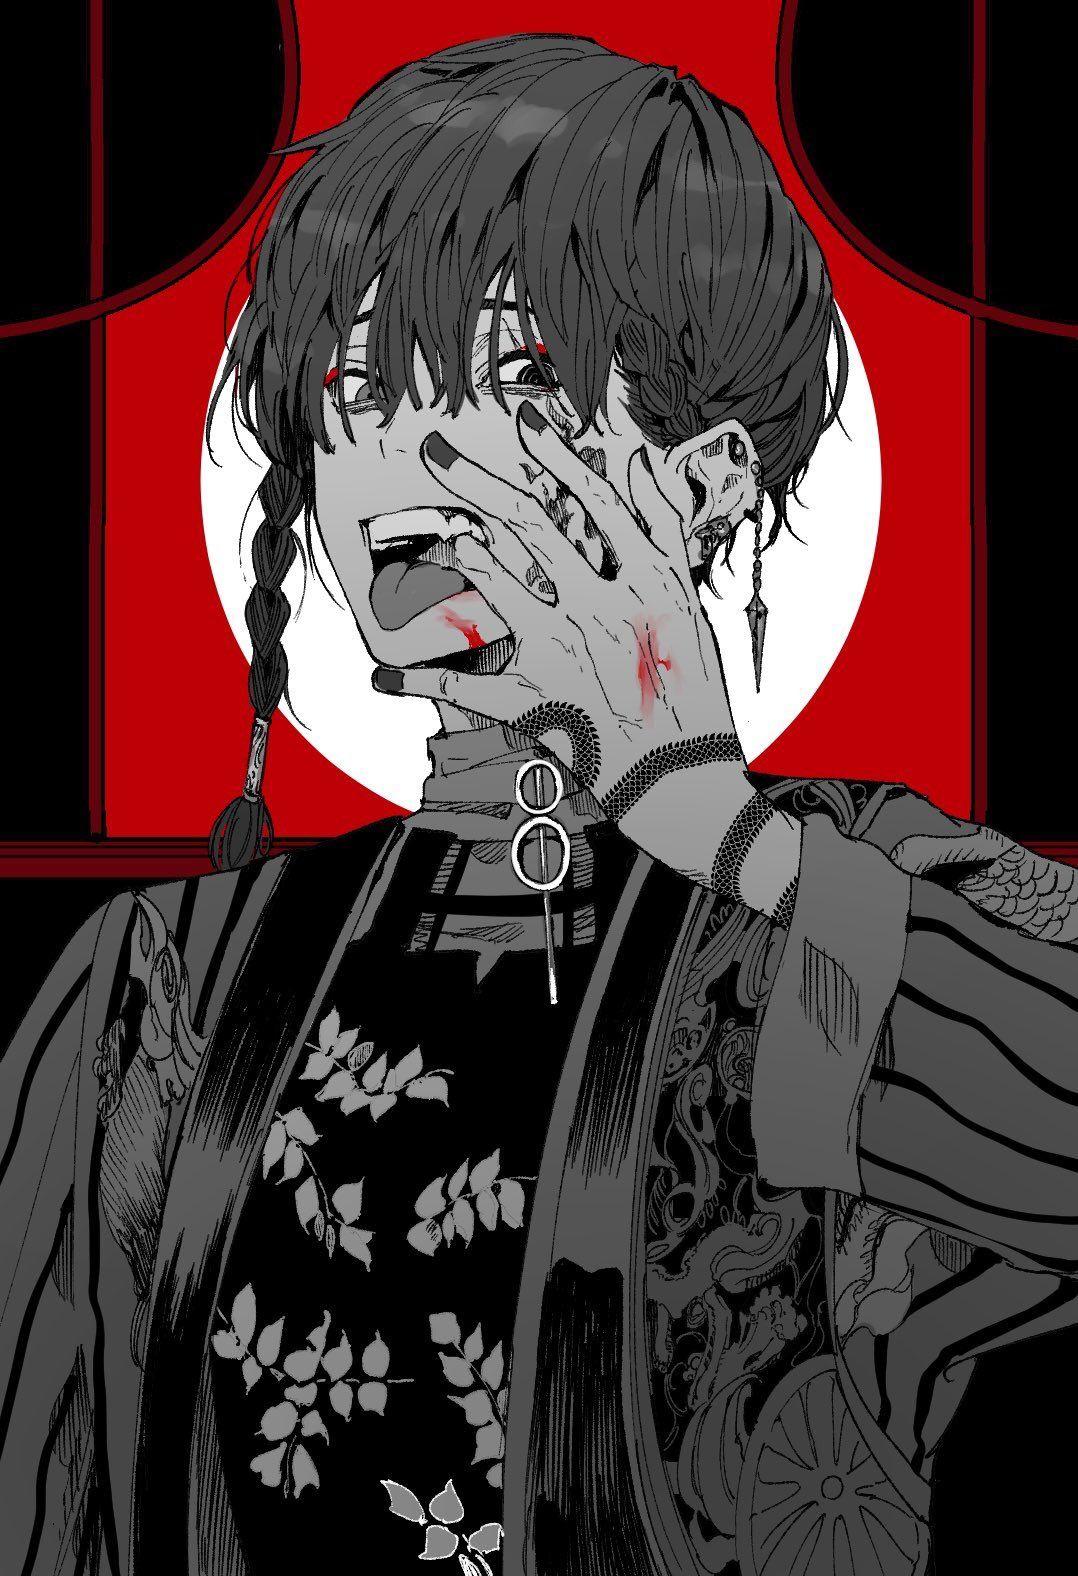 Dark Aesthetic Anime Boy Wallpaper